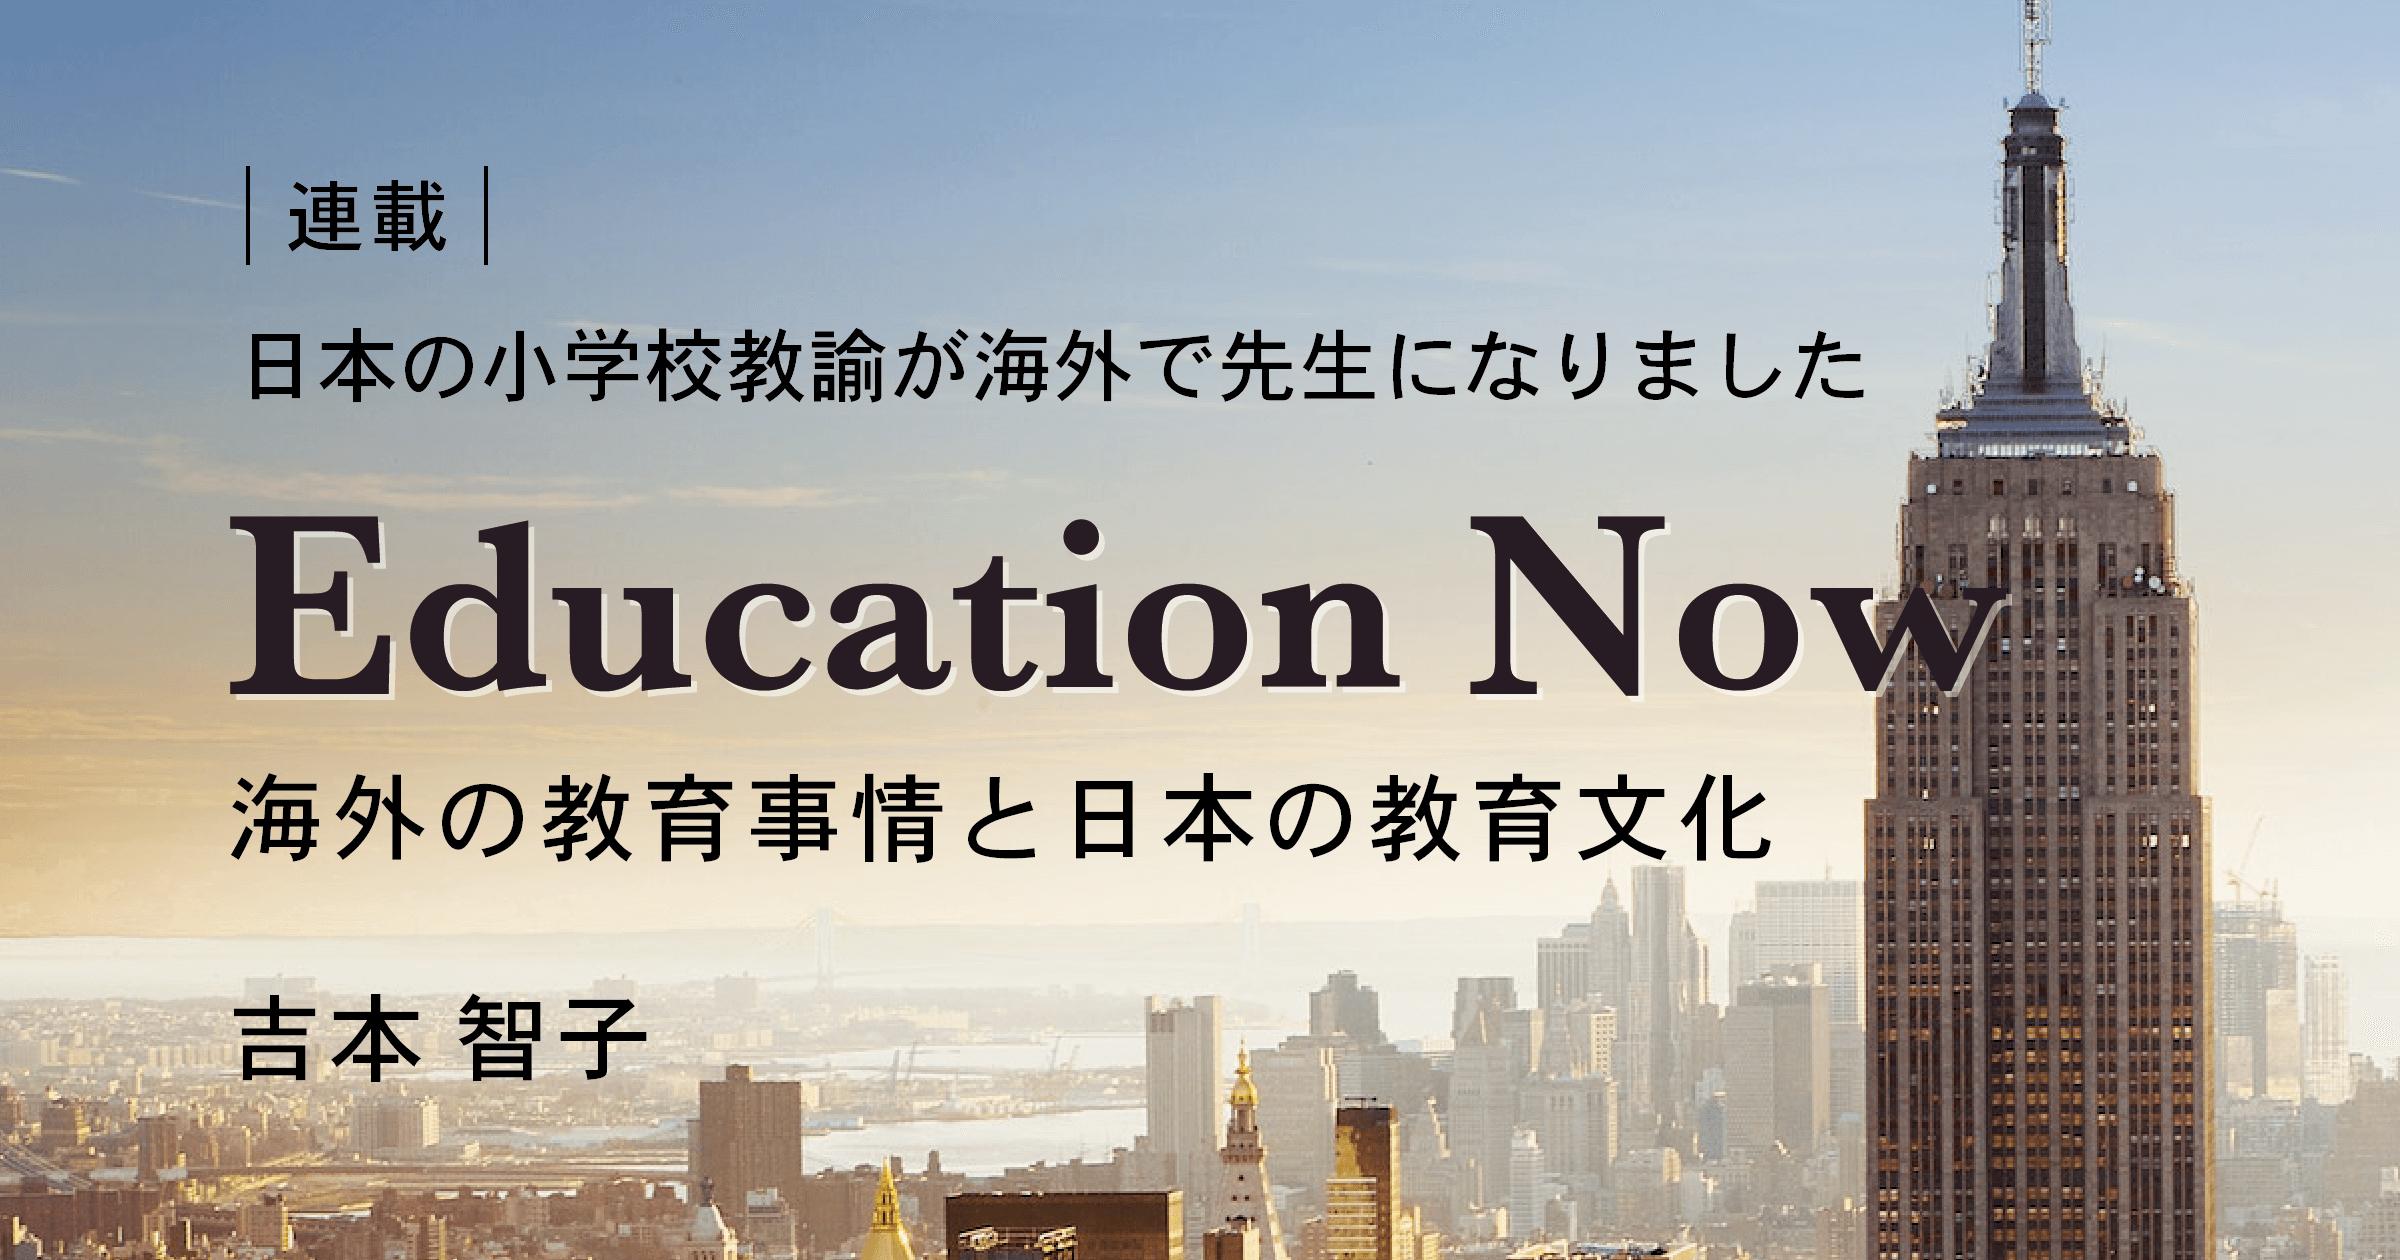 【Education Now 第3回】学習目的を理解し、子ども自身が目標を決めるということ